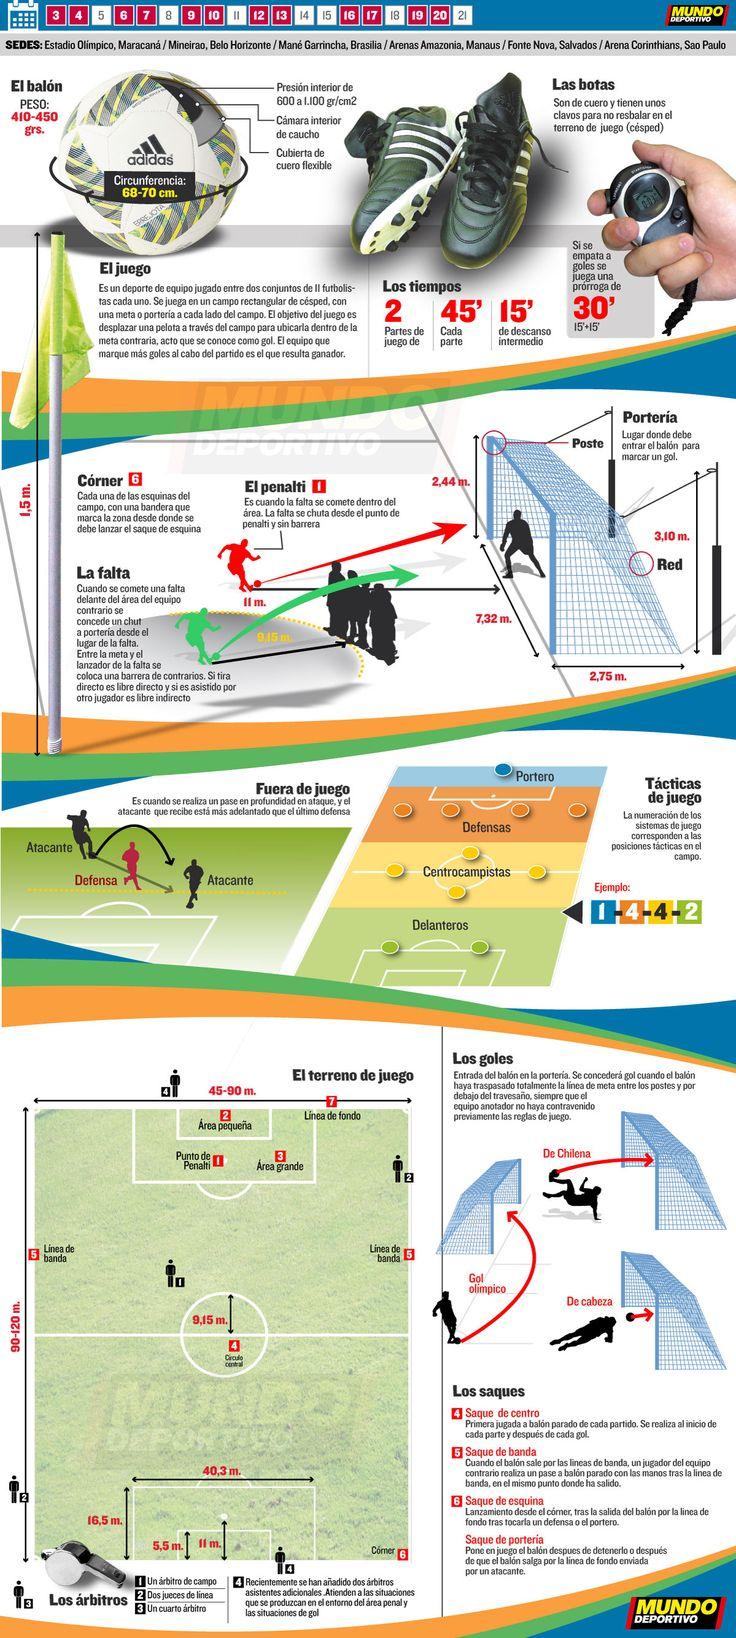 Descubre en este gráfico todos los datos sobre el Fútbol (días de competición, disciplinas, sanciones, materiales, la pista y las posiciones)